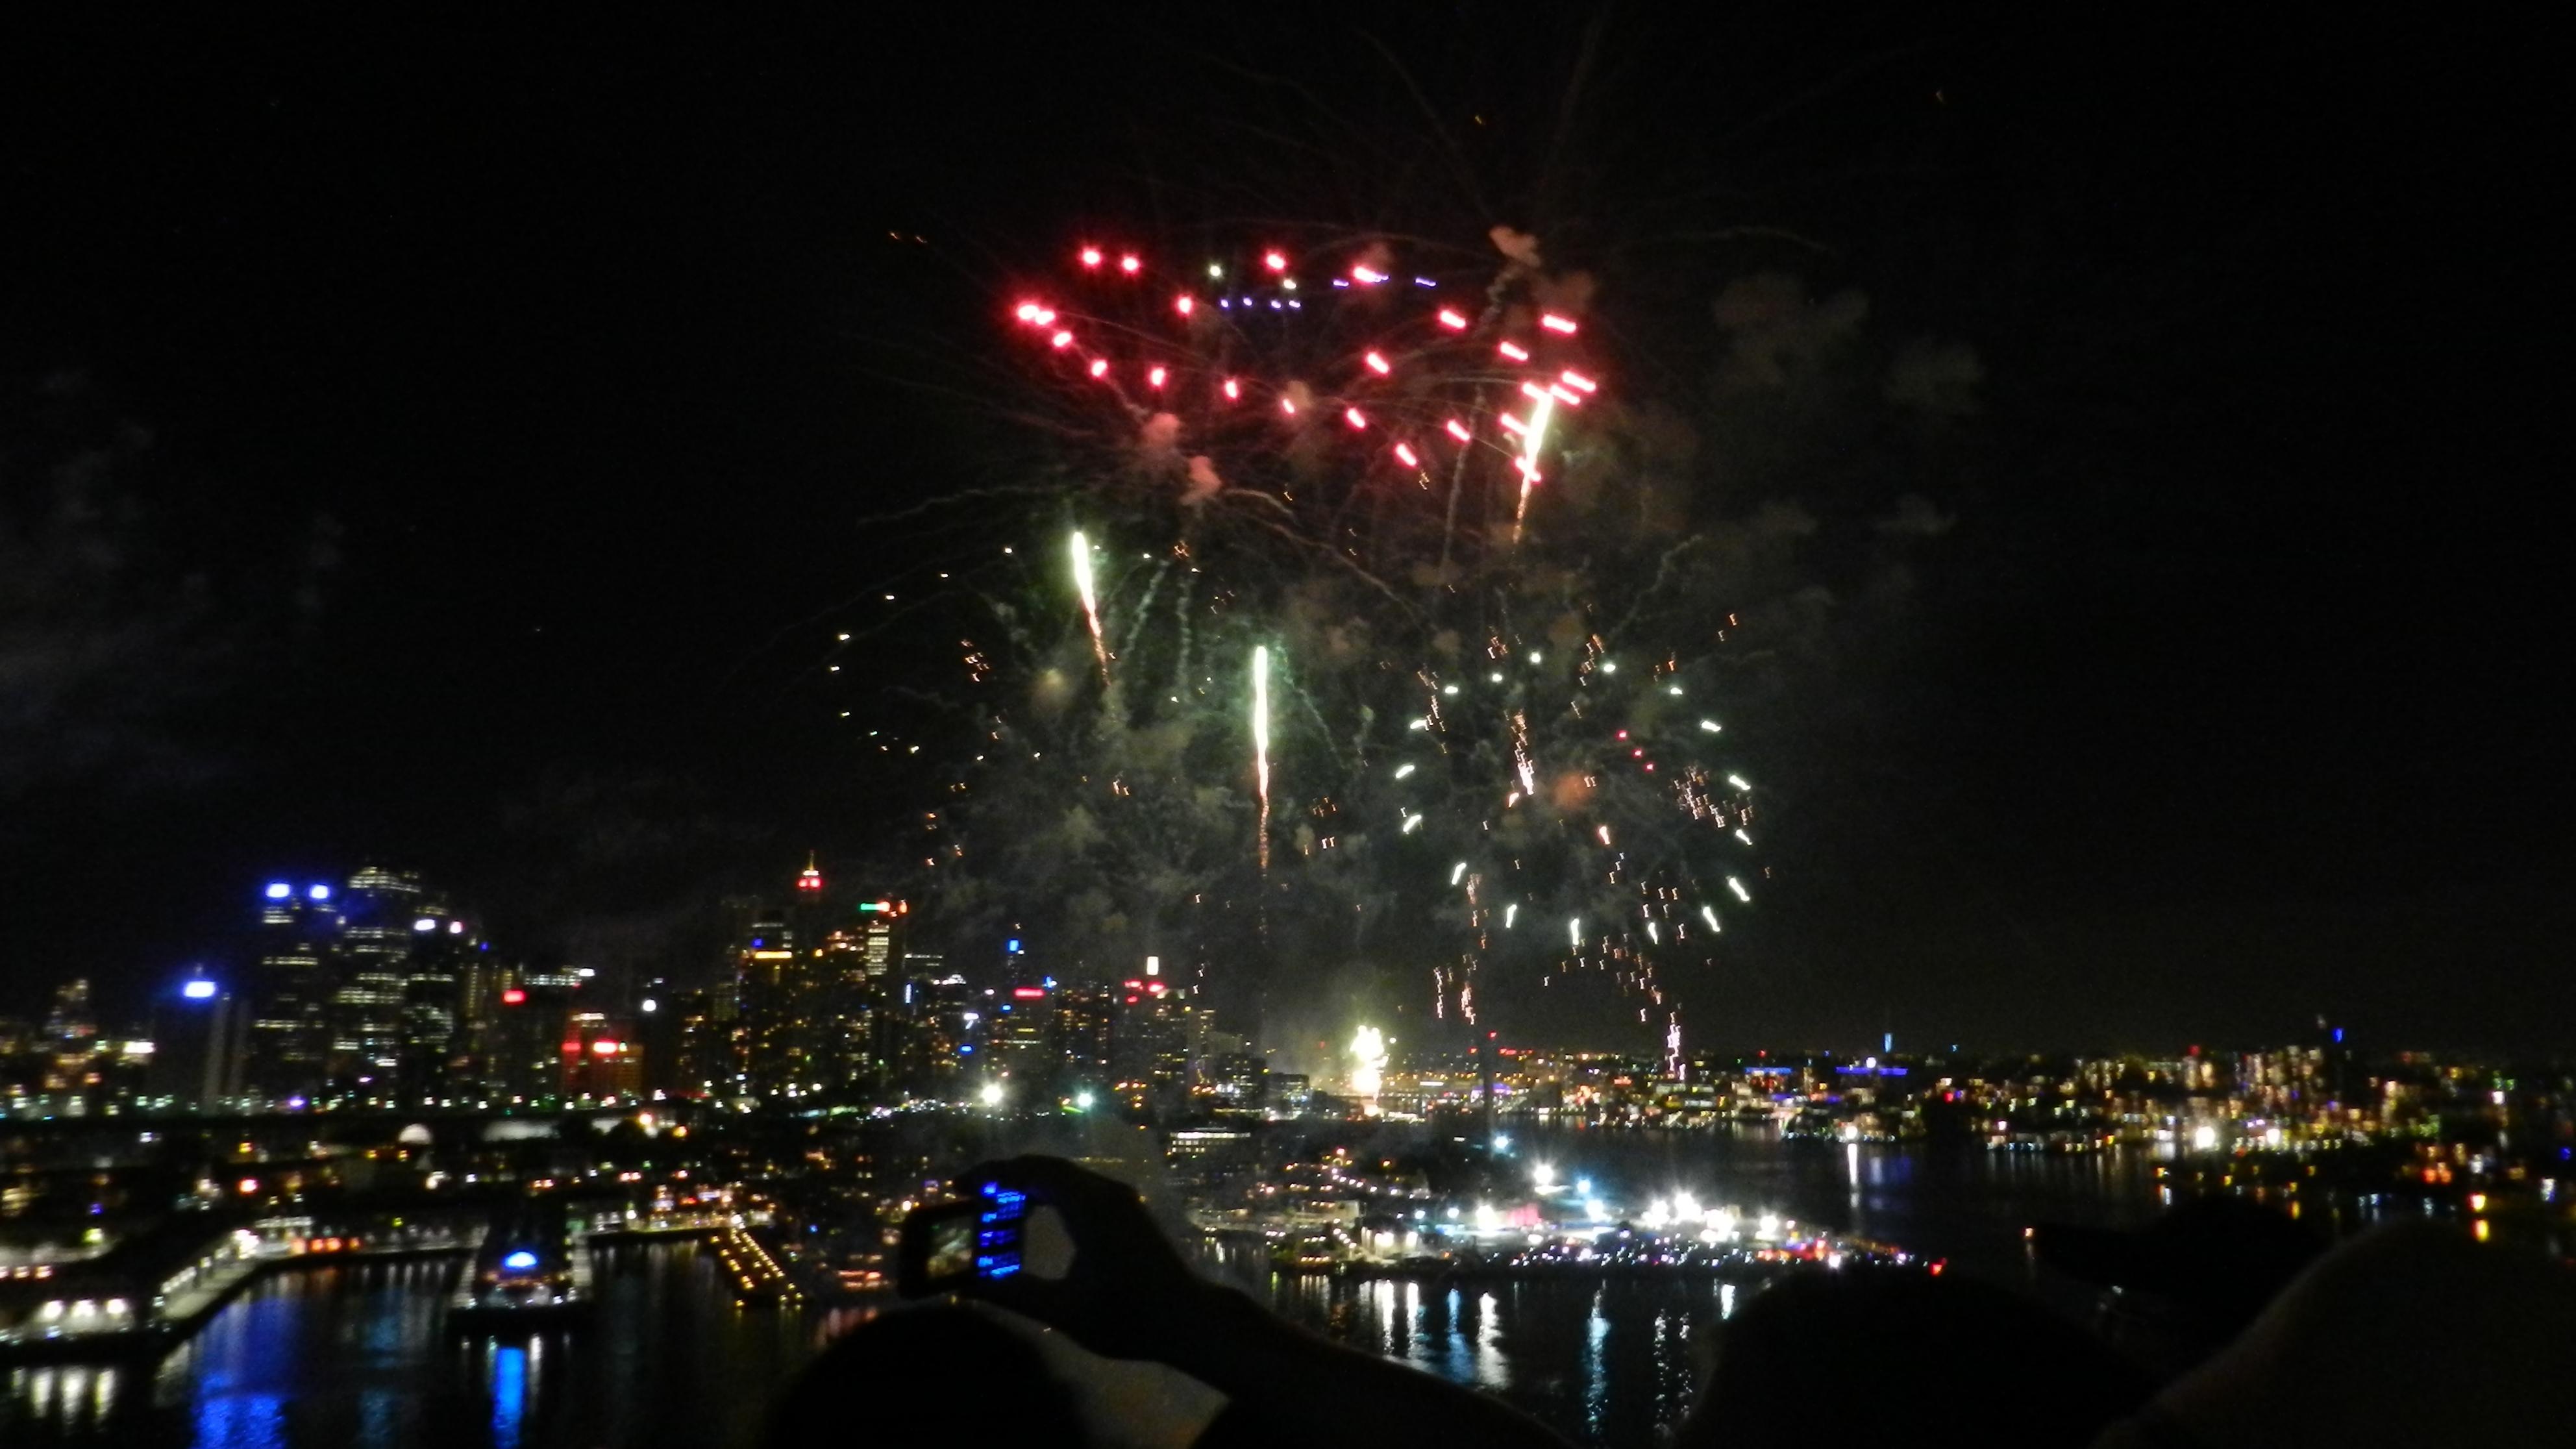 ניו זילנד Update: ערב השנה האזרחית החדשה 2012